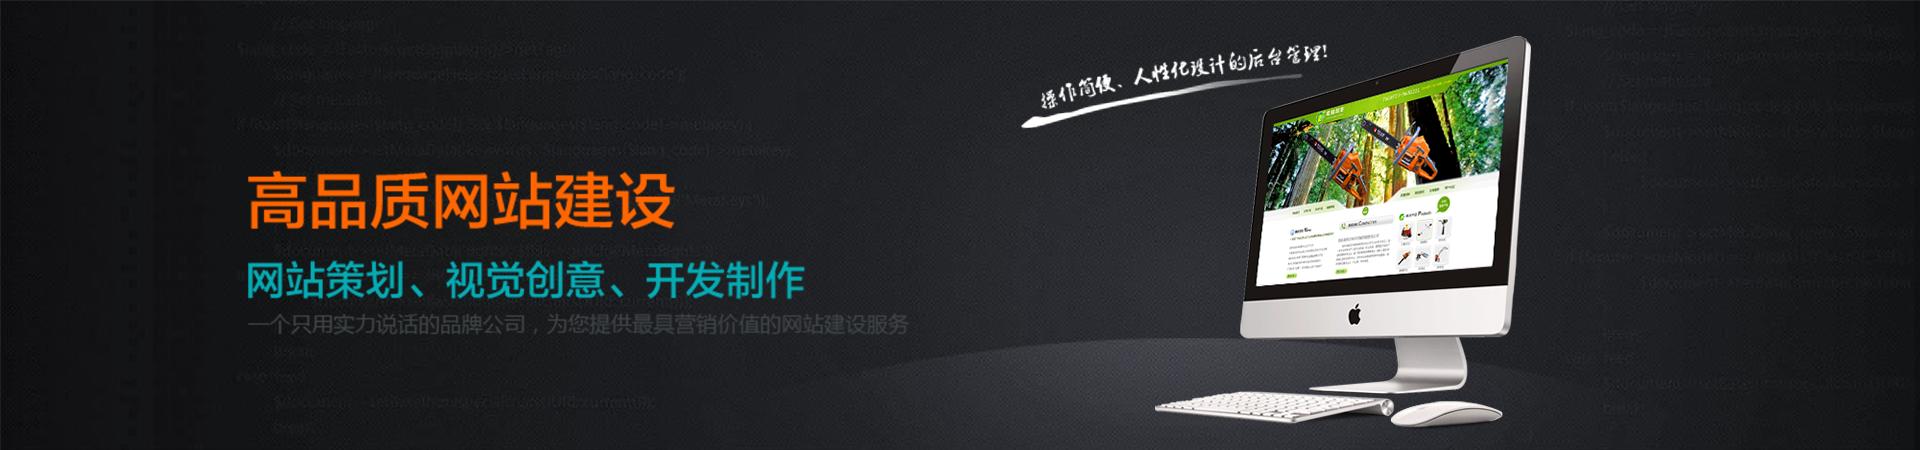 广州网站建设-网站设计制作-小程序开发